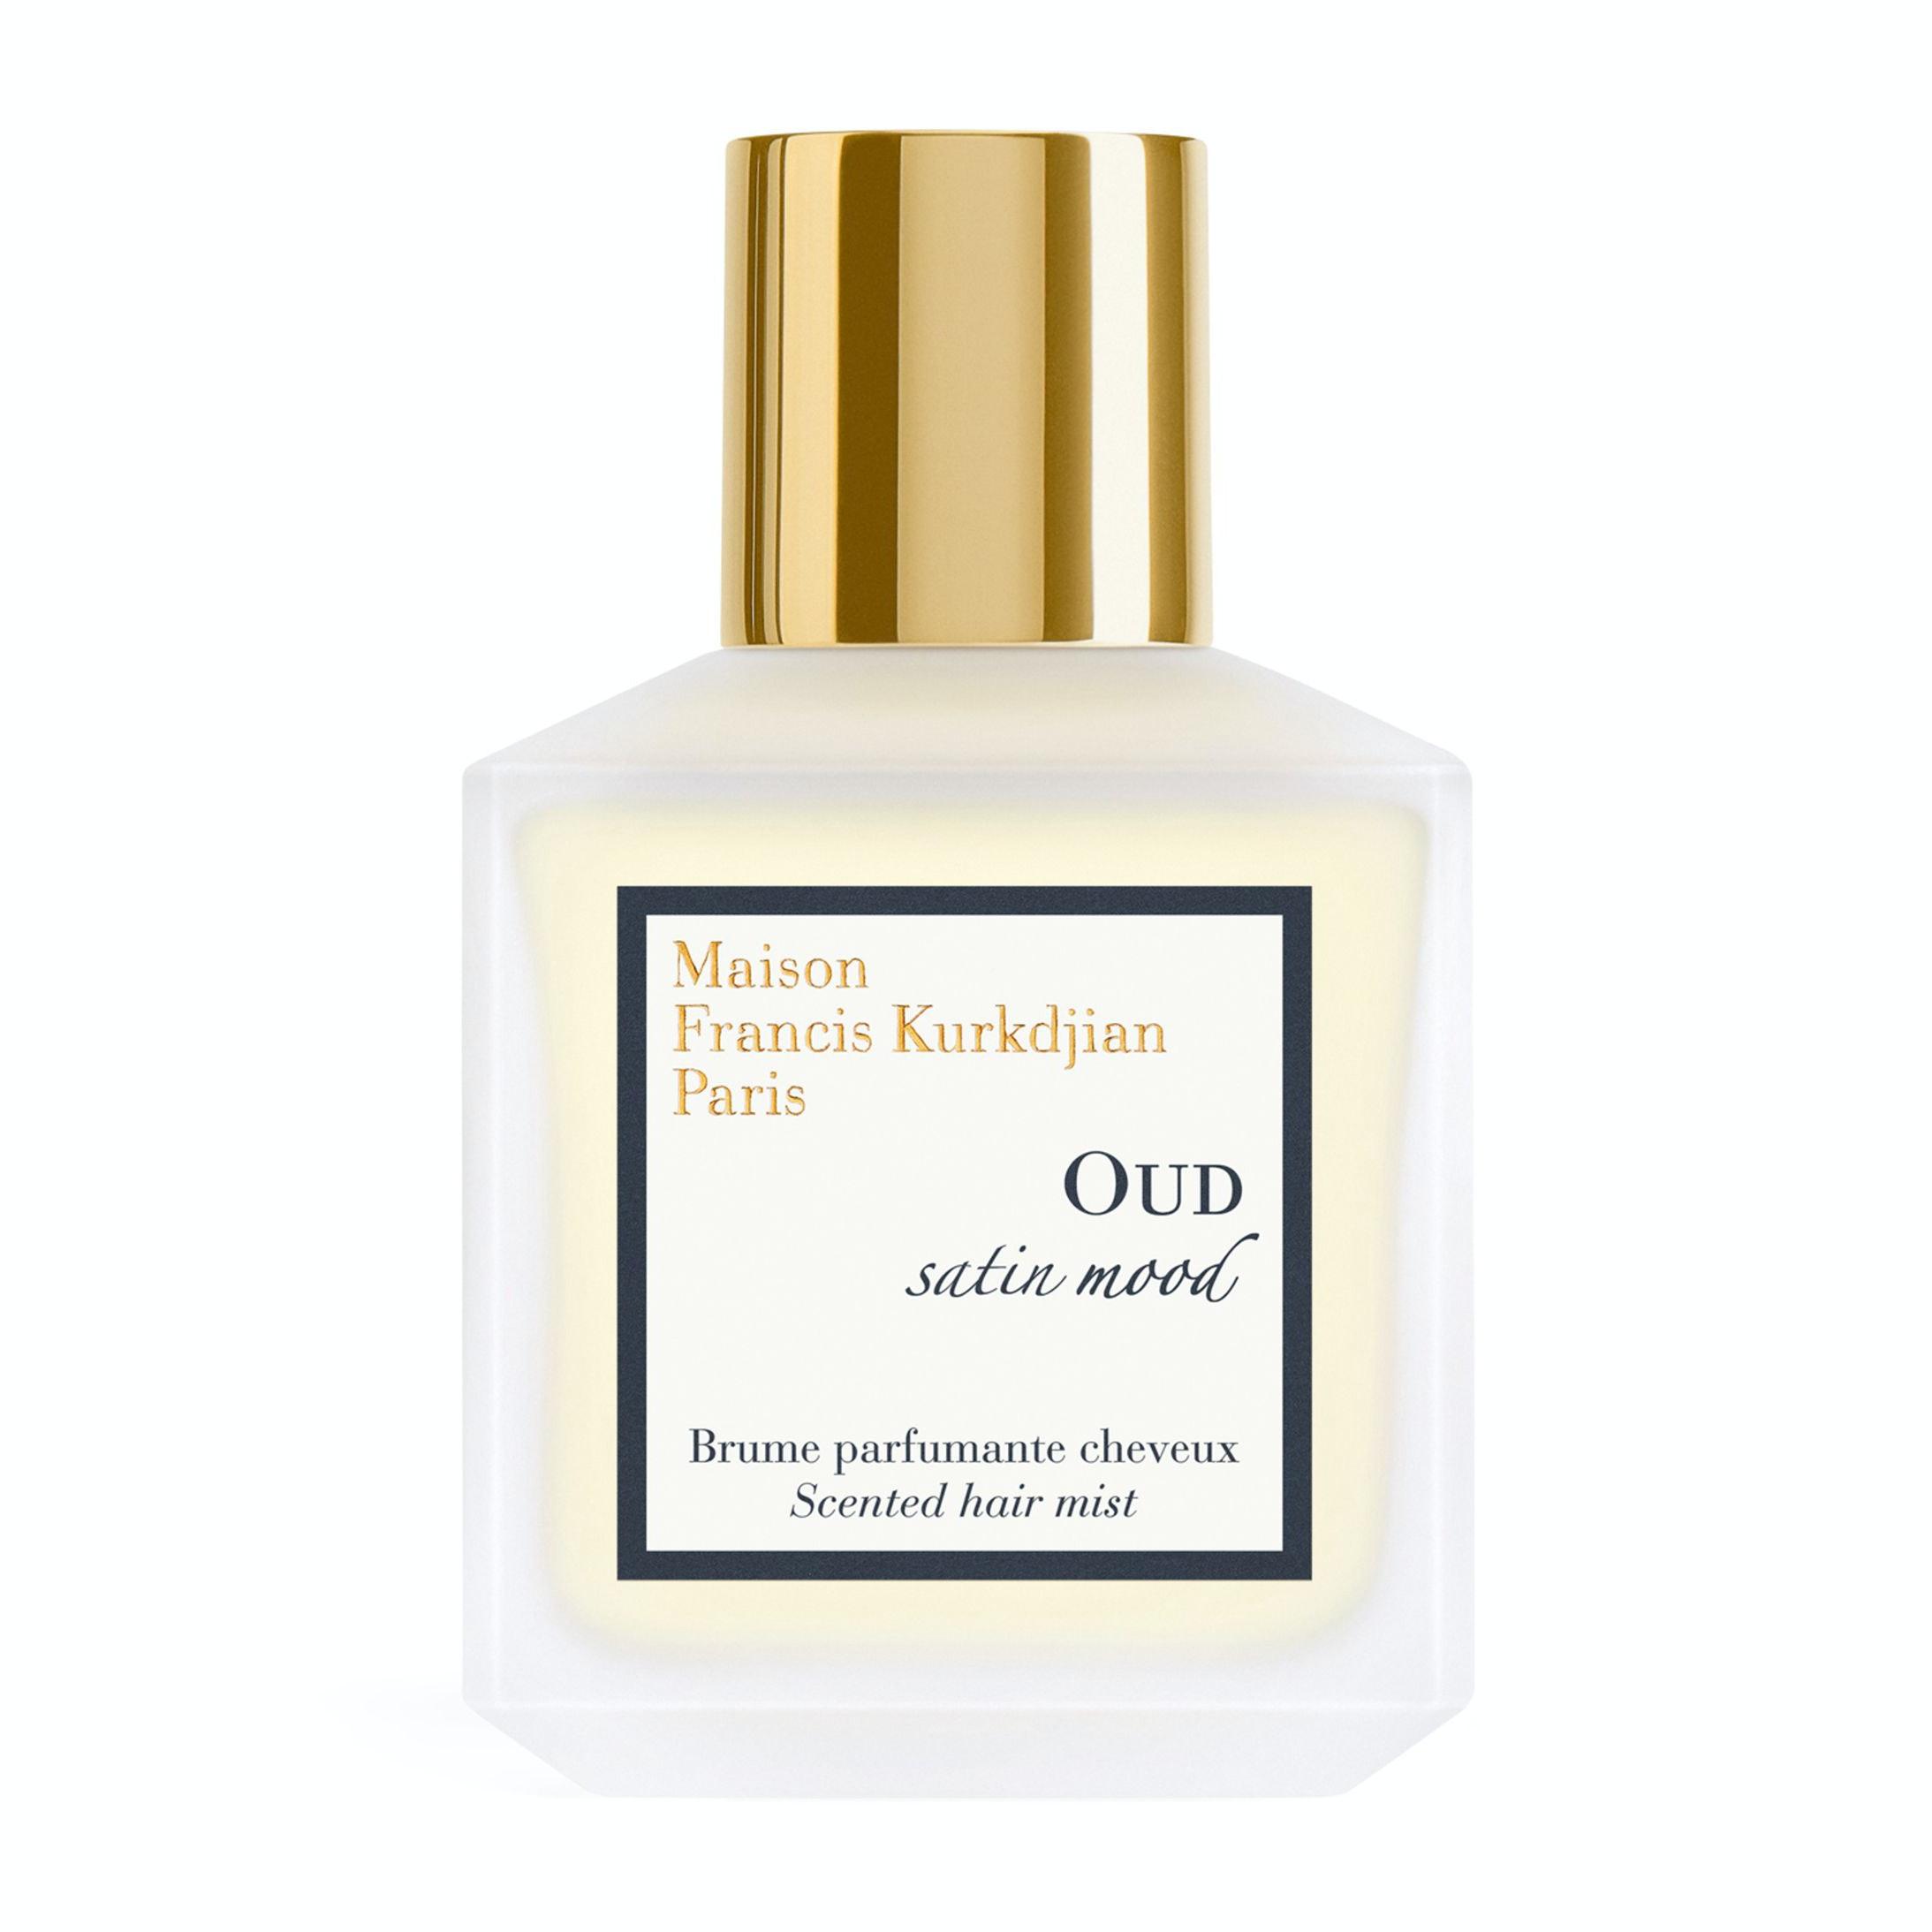 Maison Francis Kurkdjian® OUD Satin Mood Scented Hair Mist